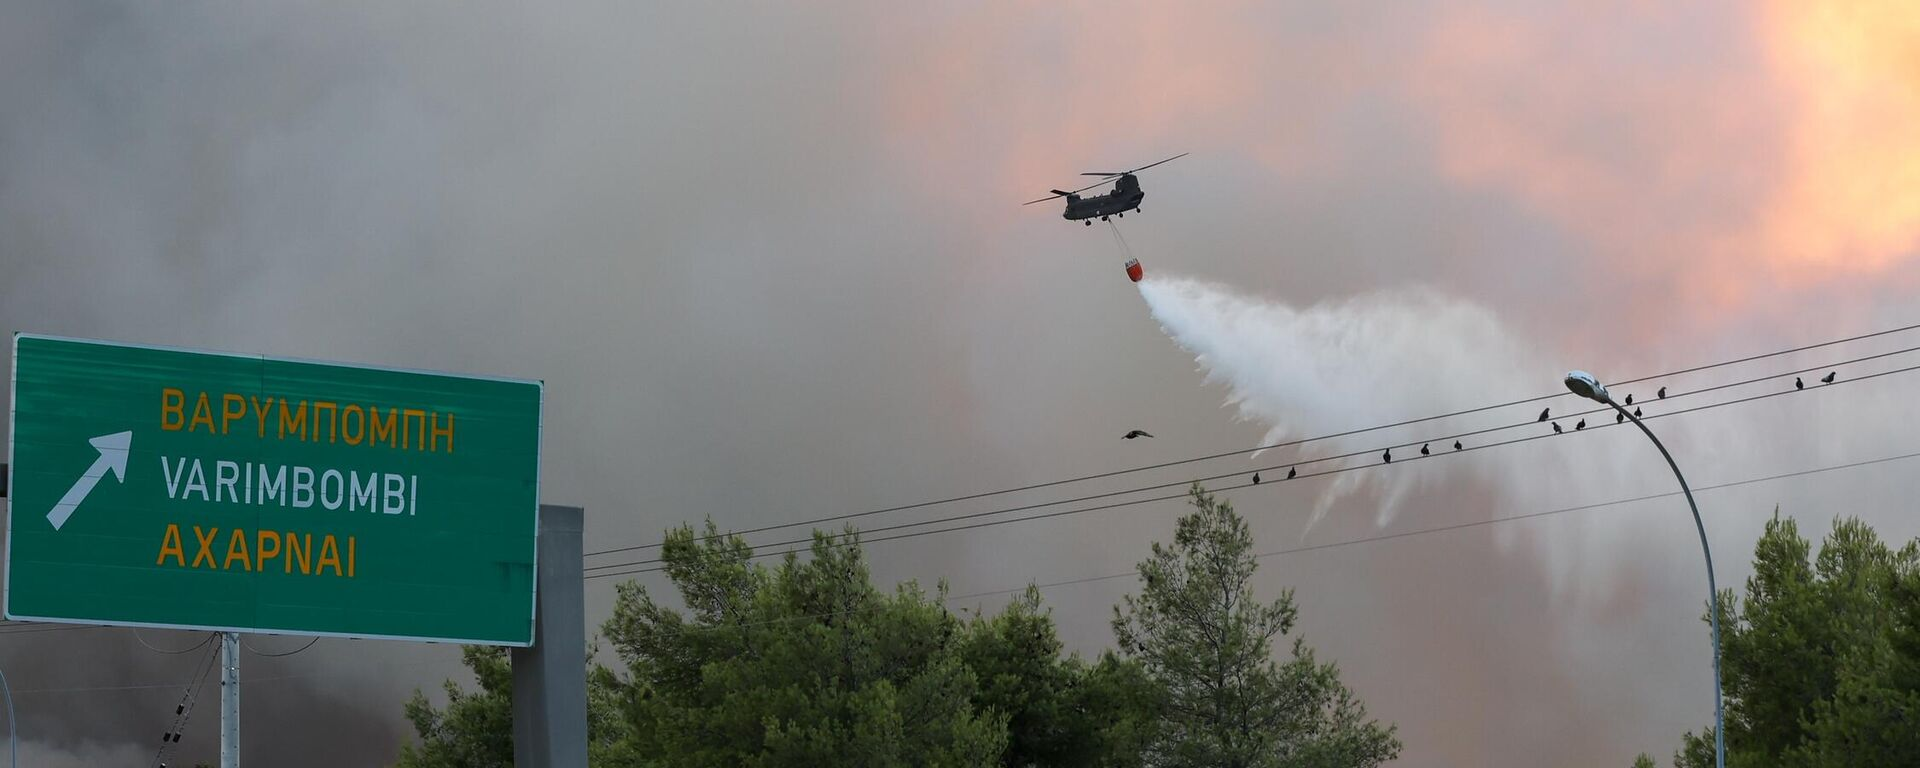 Πυρκαγιά στη Βαρυμπόμπη Αττικής, 3 Αυγούστου 2021. - Sputnik Ελλάδα, 1920, 04.08.2021